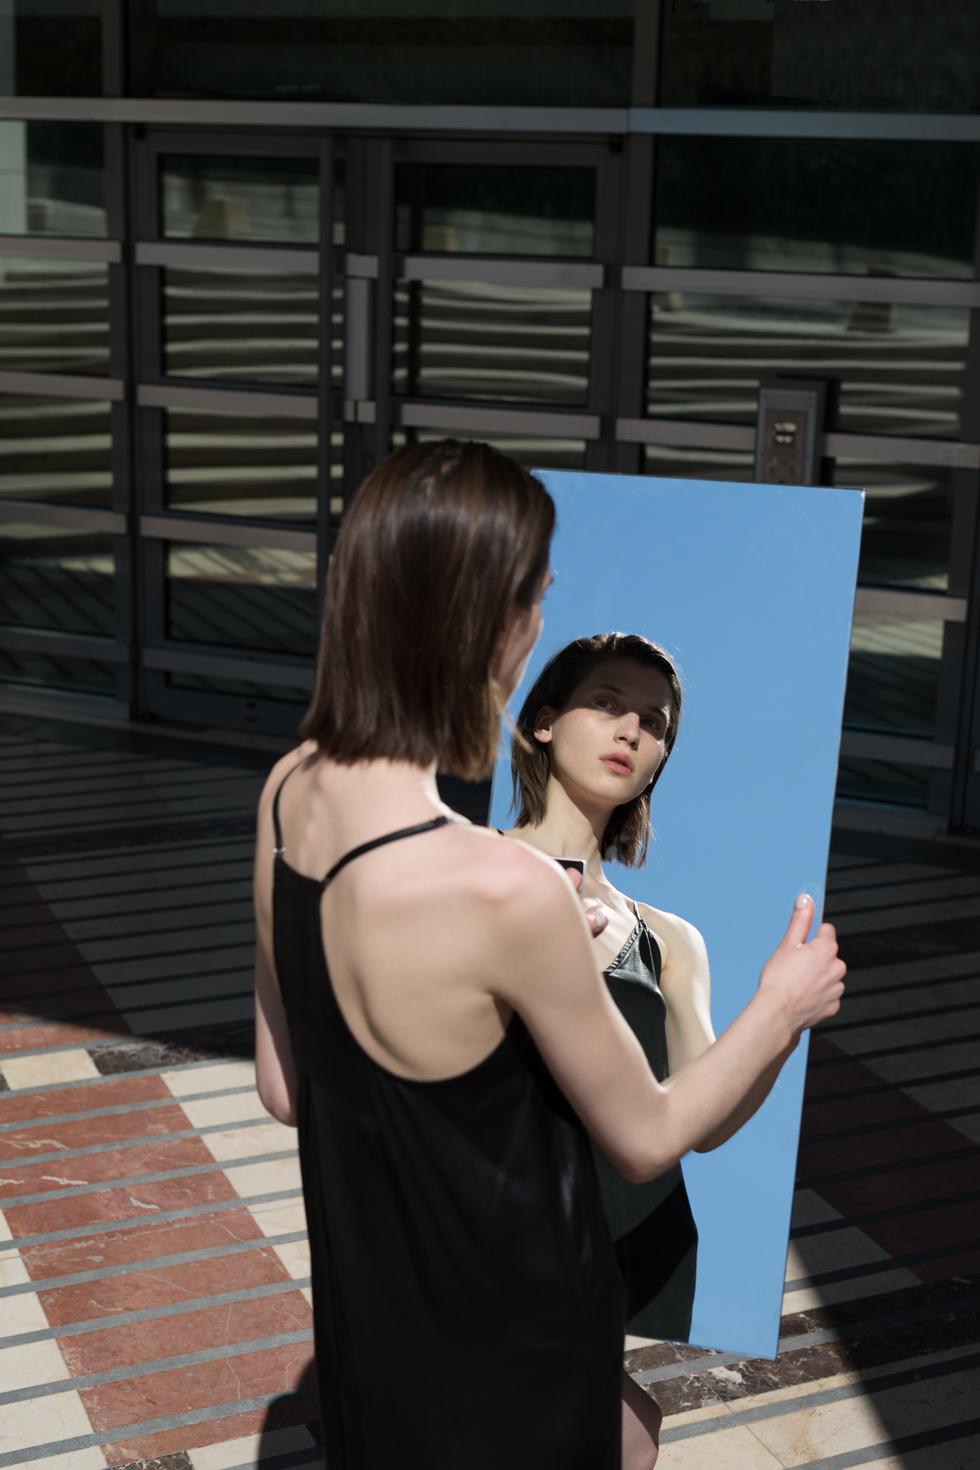 HUNGER-ANNA-by-NATALIE-WEISS-22a.jpg